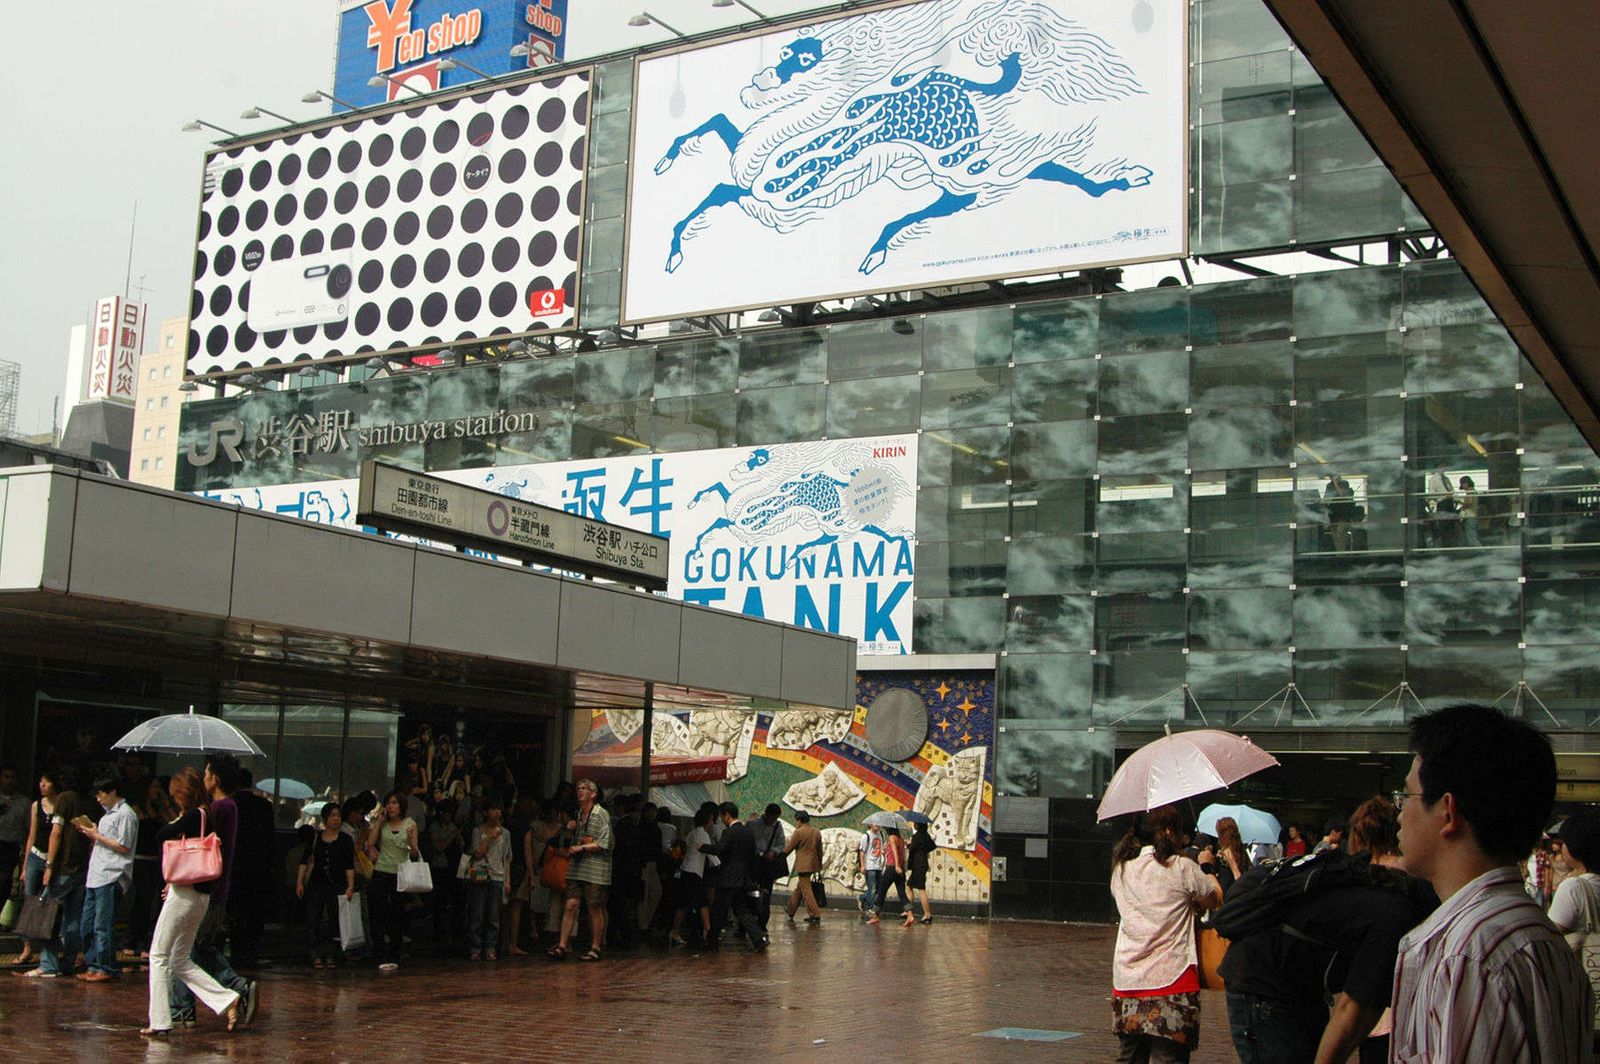 Summer Rain Shibuya Station